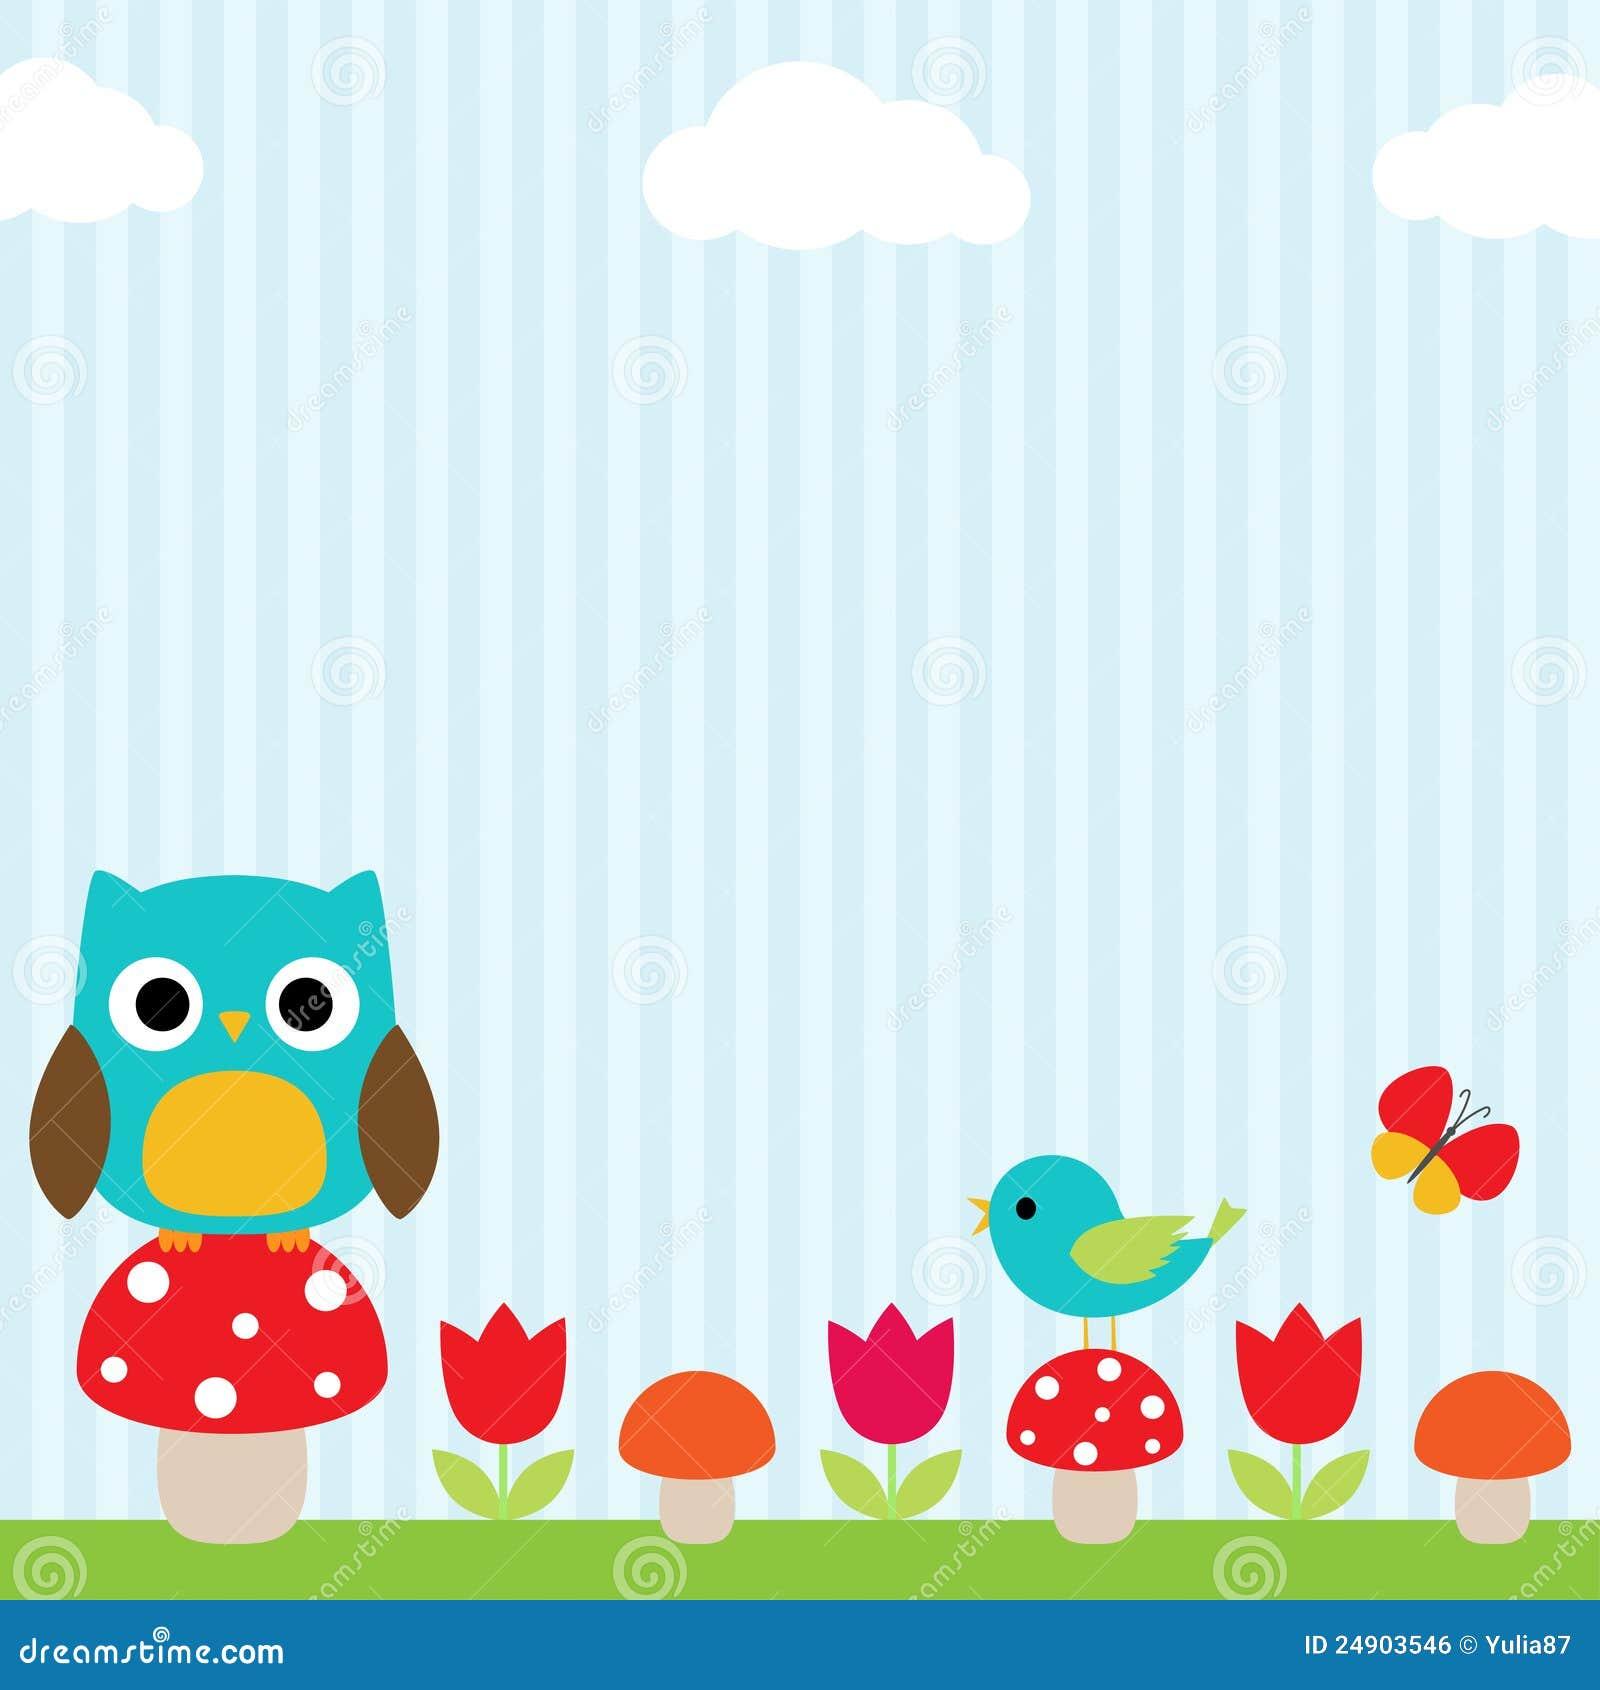 Owl Background Royalty Free Stock Image - Image: 24903546